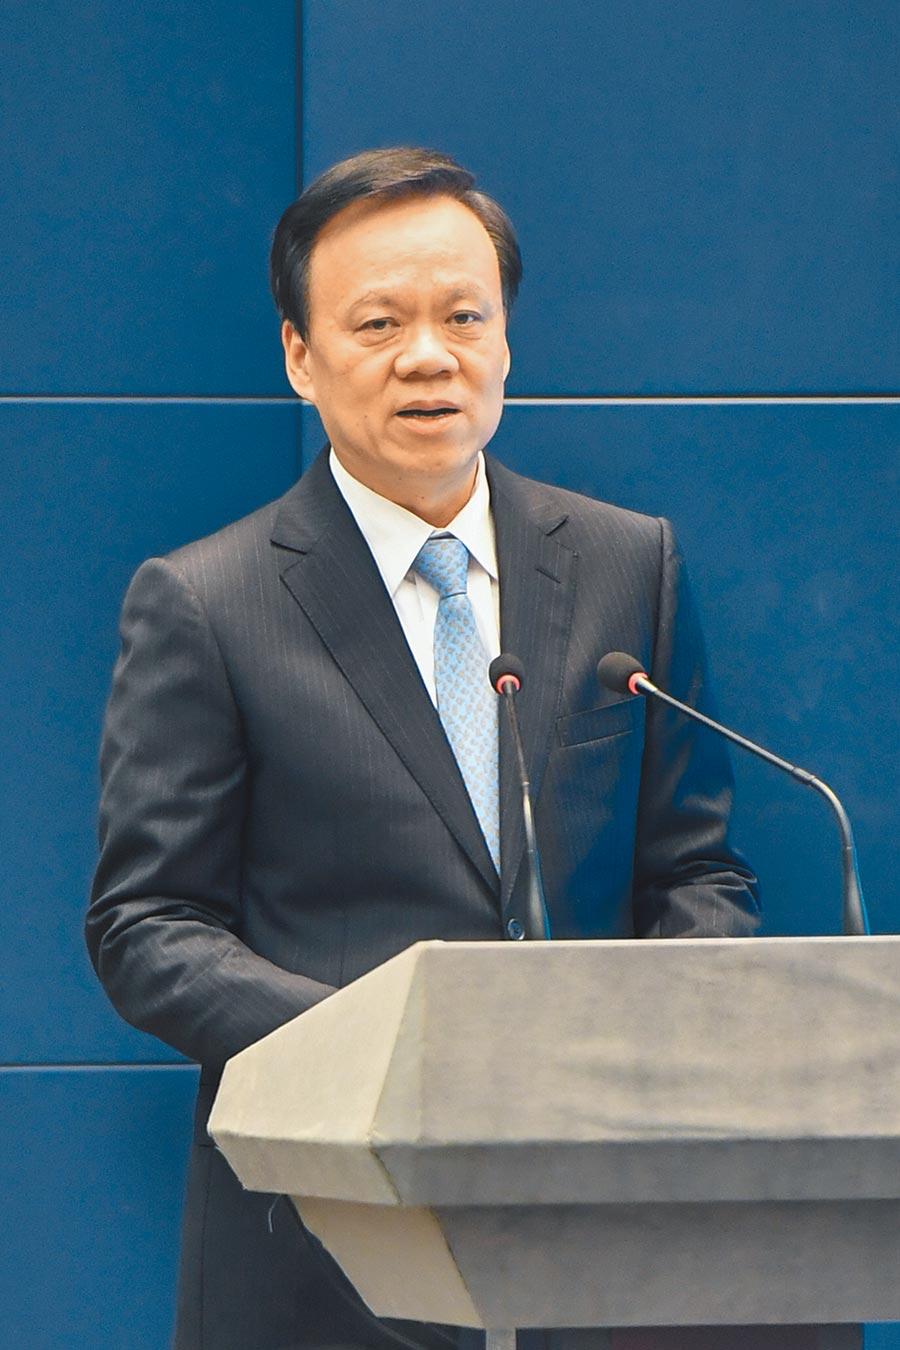 重庆市委书记陈敏尔,在中共党政要员中具年龄与经历优势。(中新社)